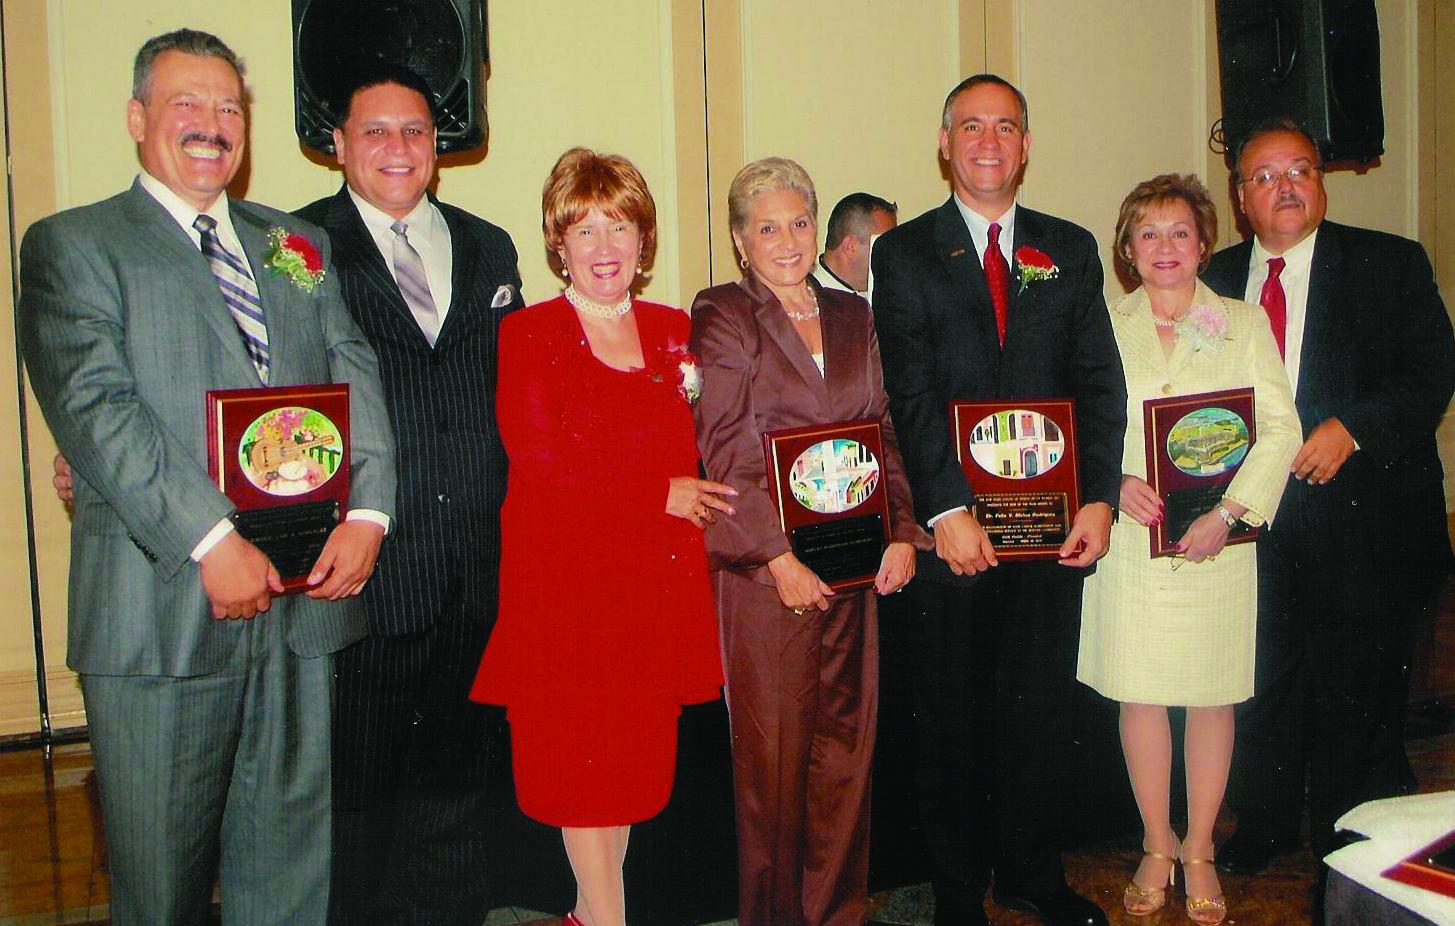 Edie and Honorees